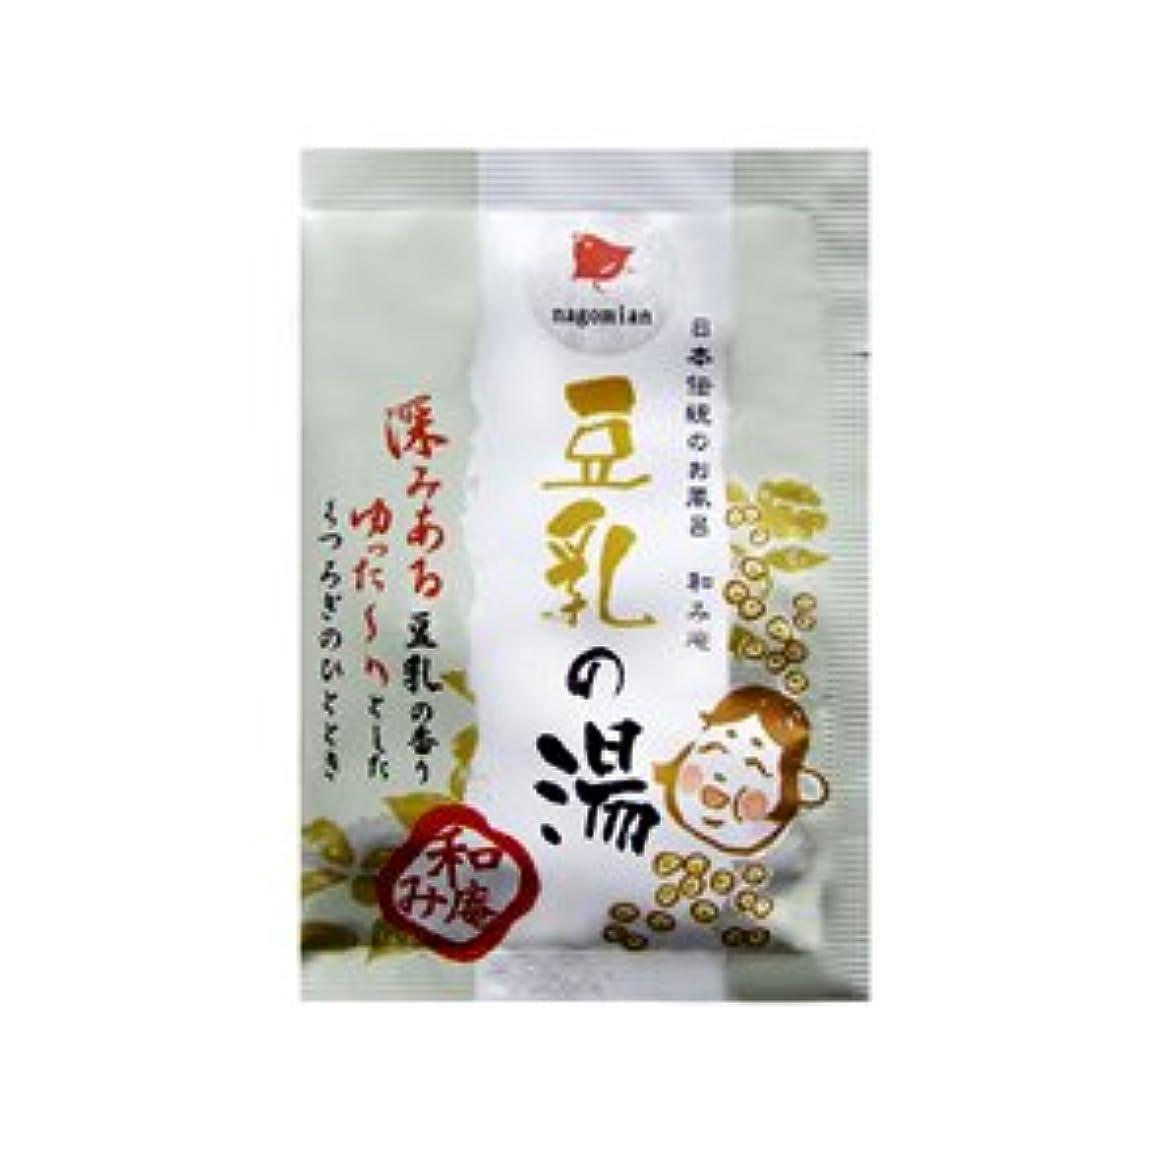 発火する地下室重要性日本伝統のお風呂 和み庵 豆乳の湯 25g 10個セット